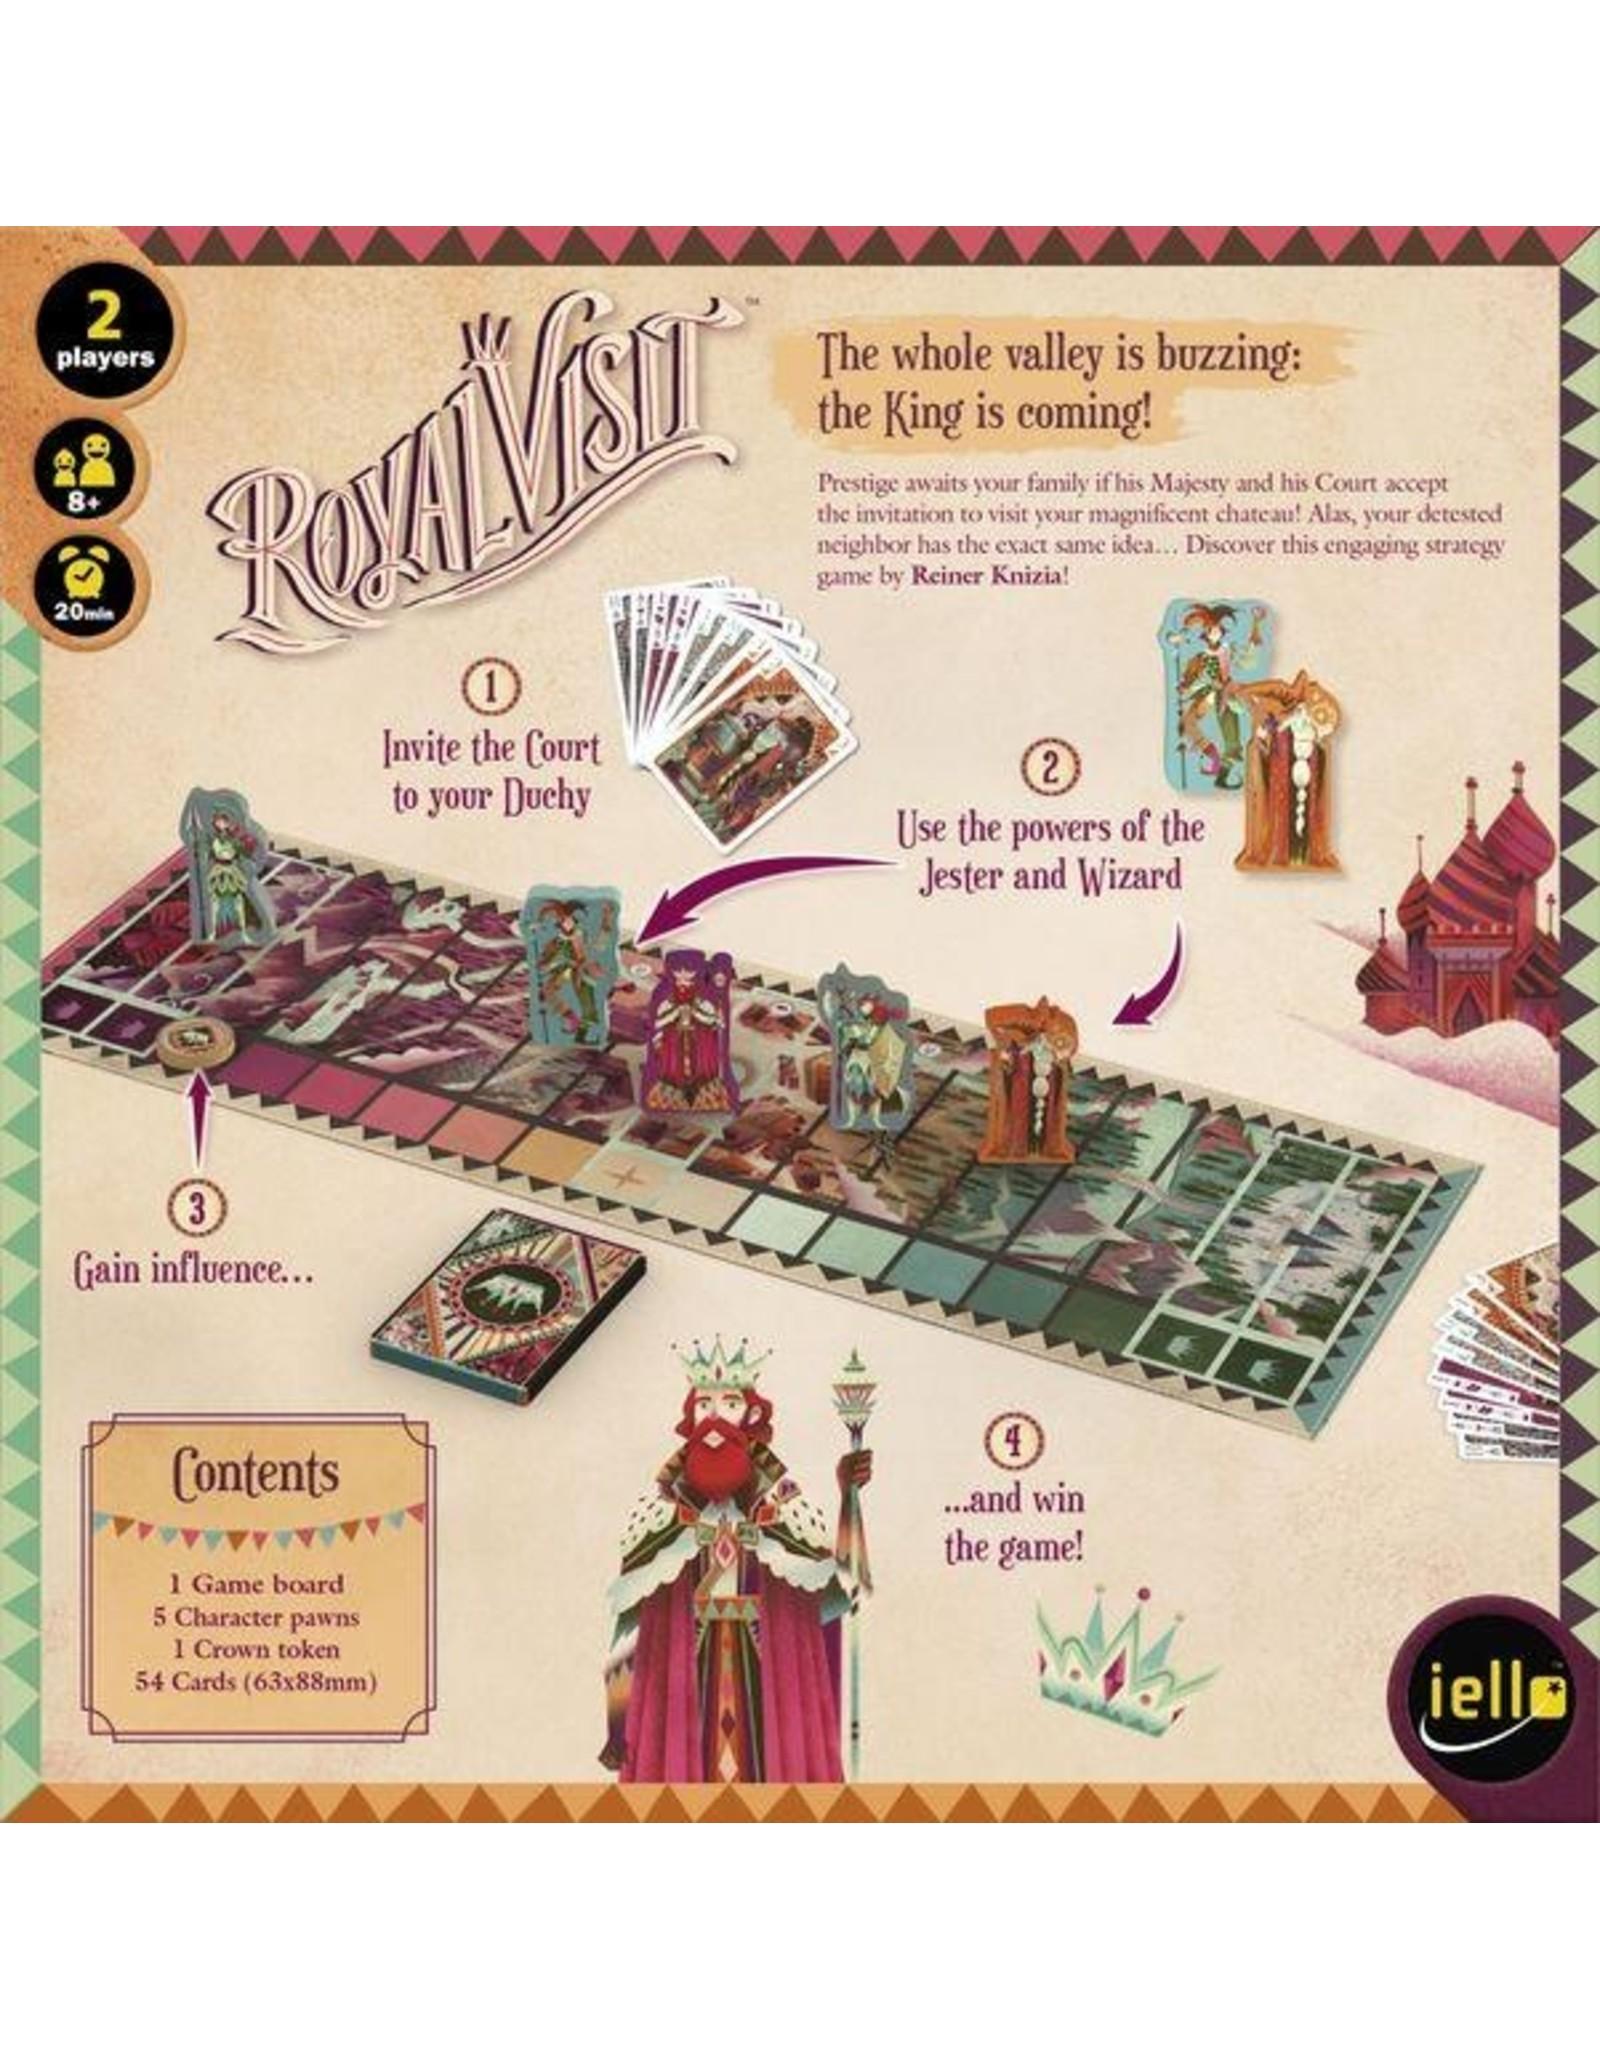 Iello Royal Visit